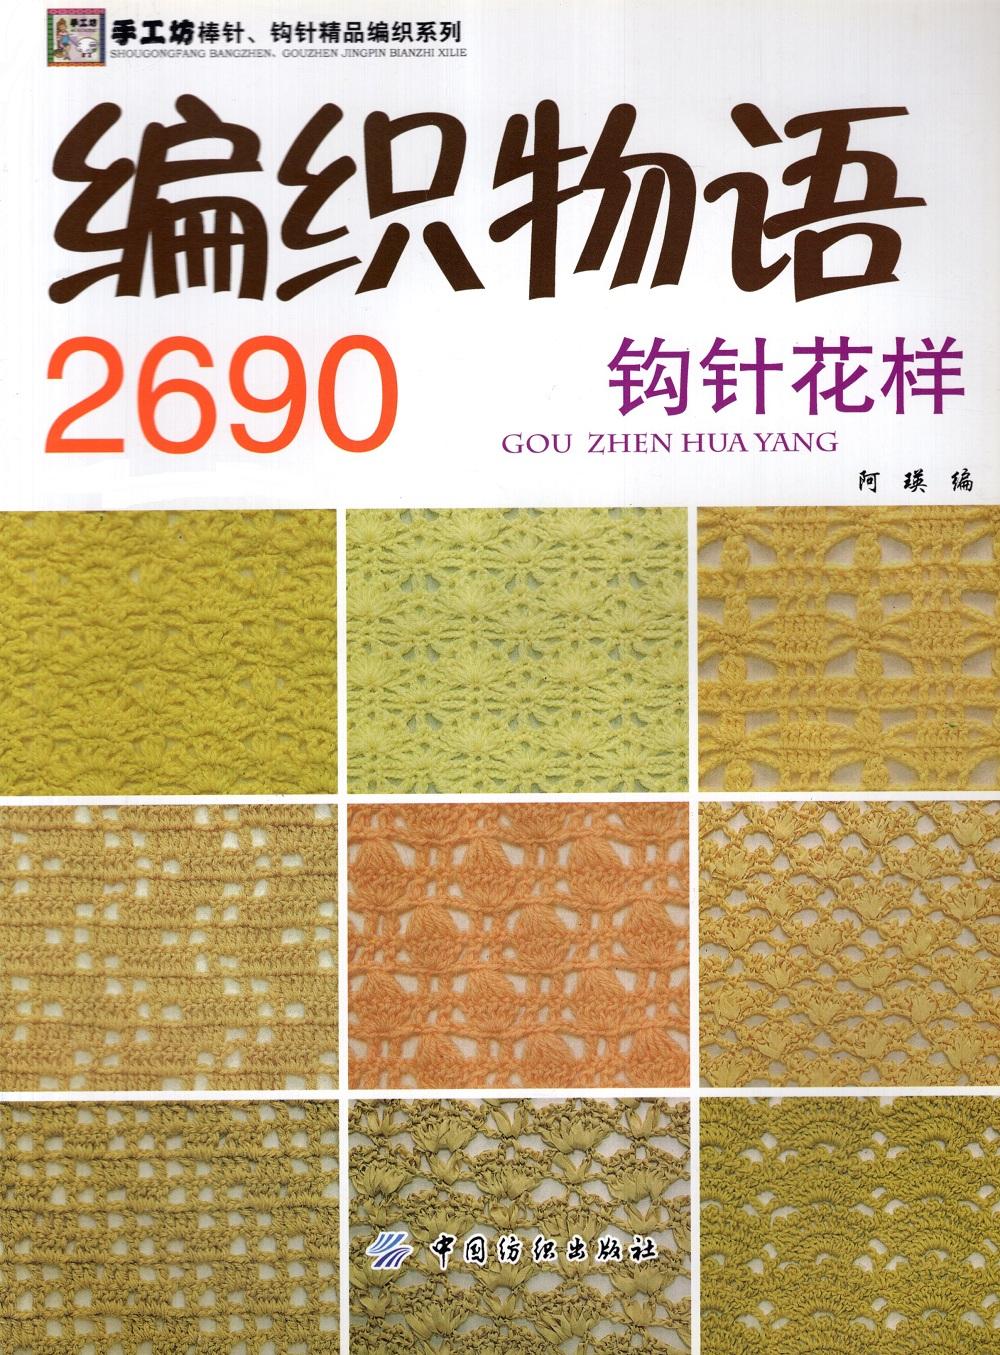 Khuyên đọc sách Catalogue Móc 2690 (Quyển 1)